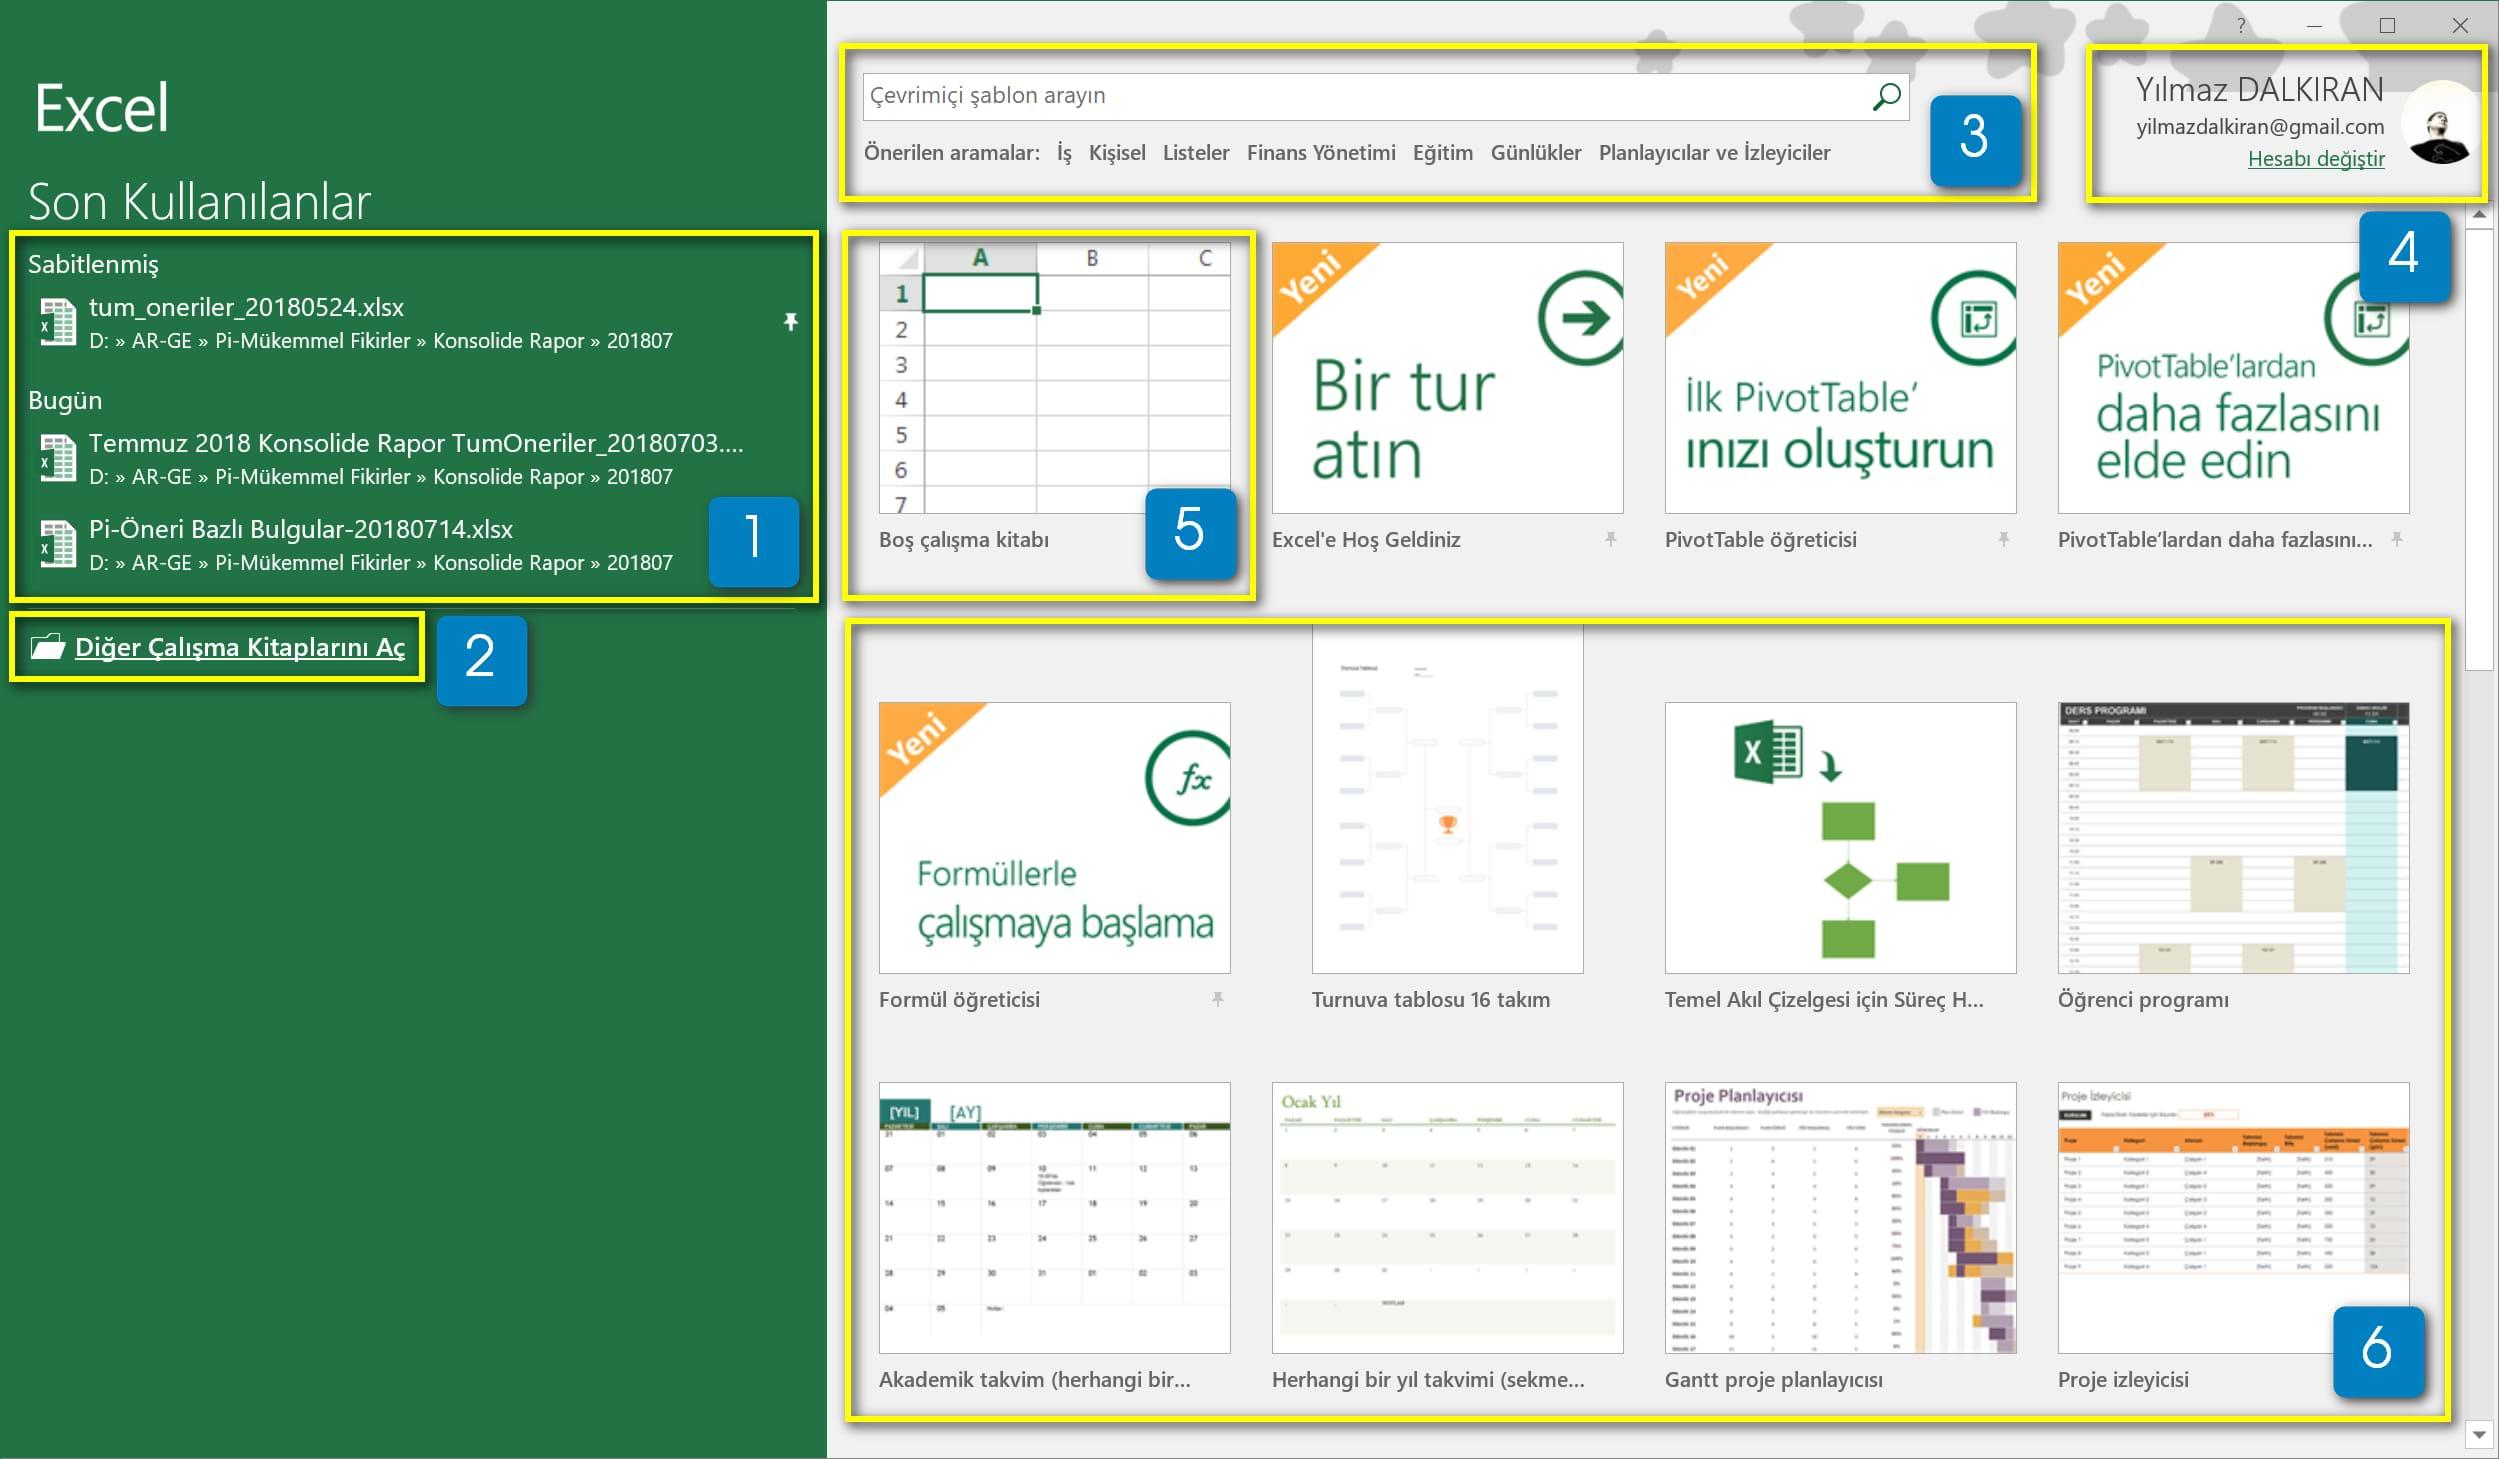 Excel E Baslarken Temel Duzey Excel Dersleri